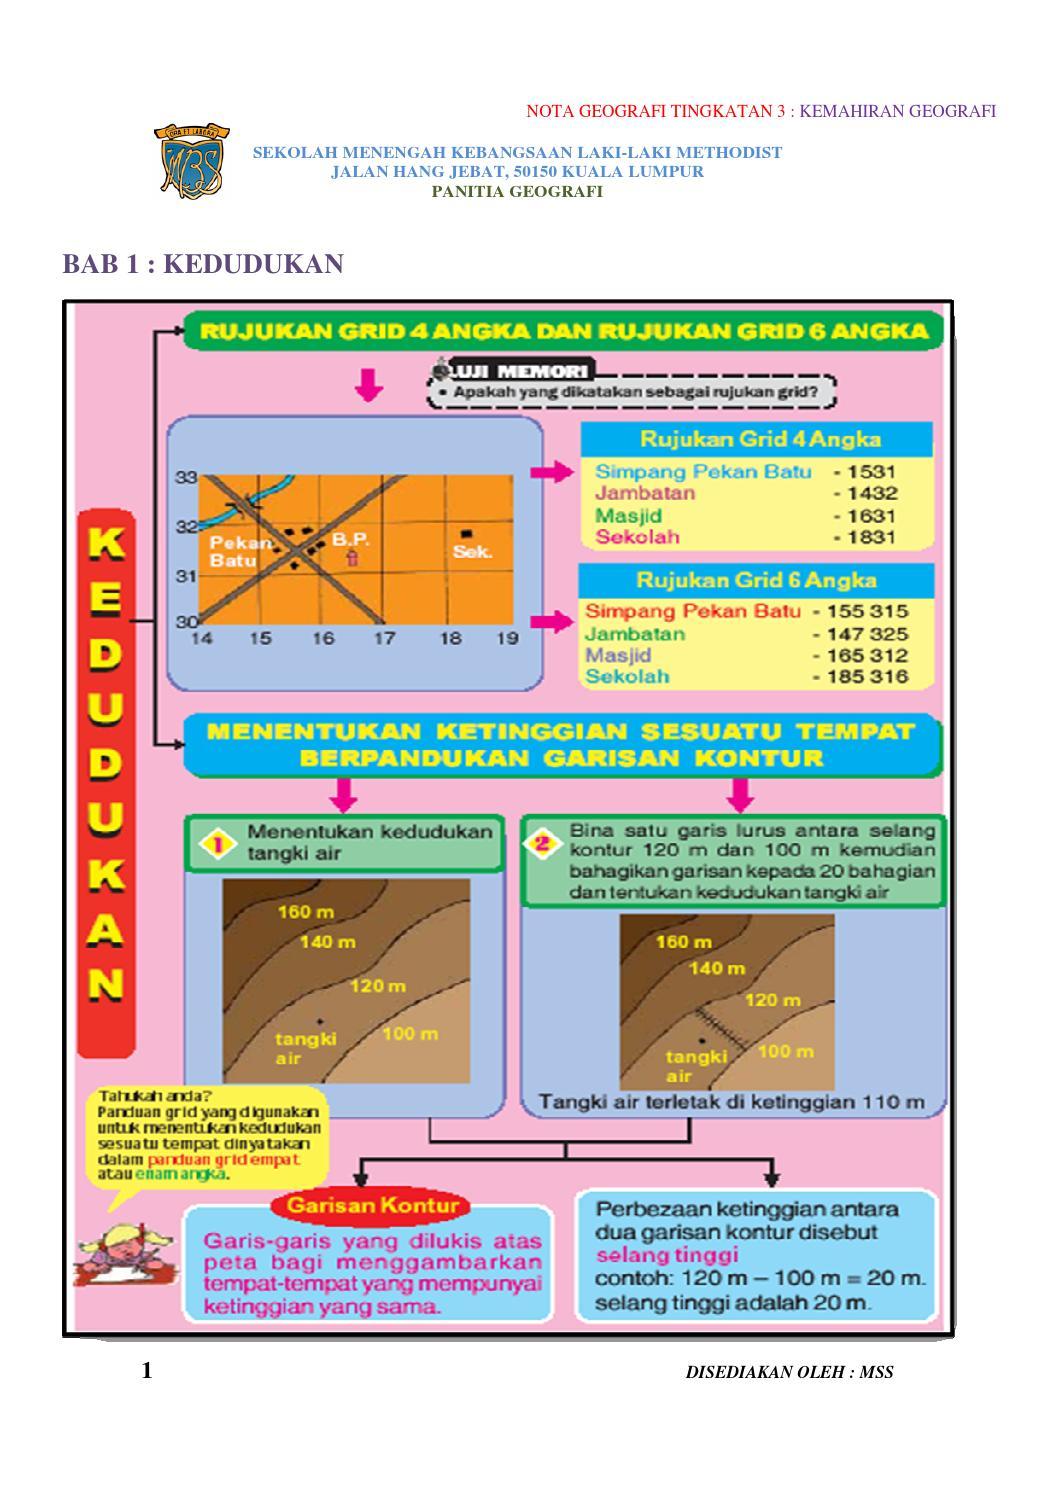 Nota geog ting 3 kemahiran geografi by Buku Geografi - Issuu